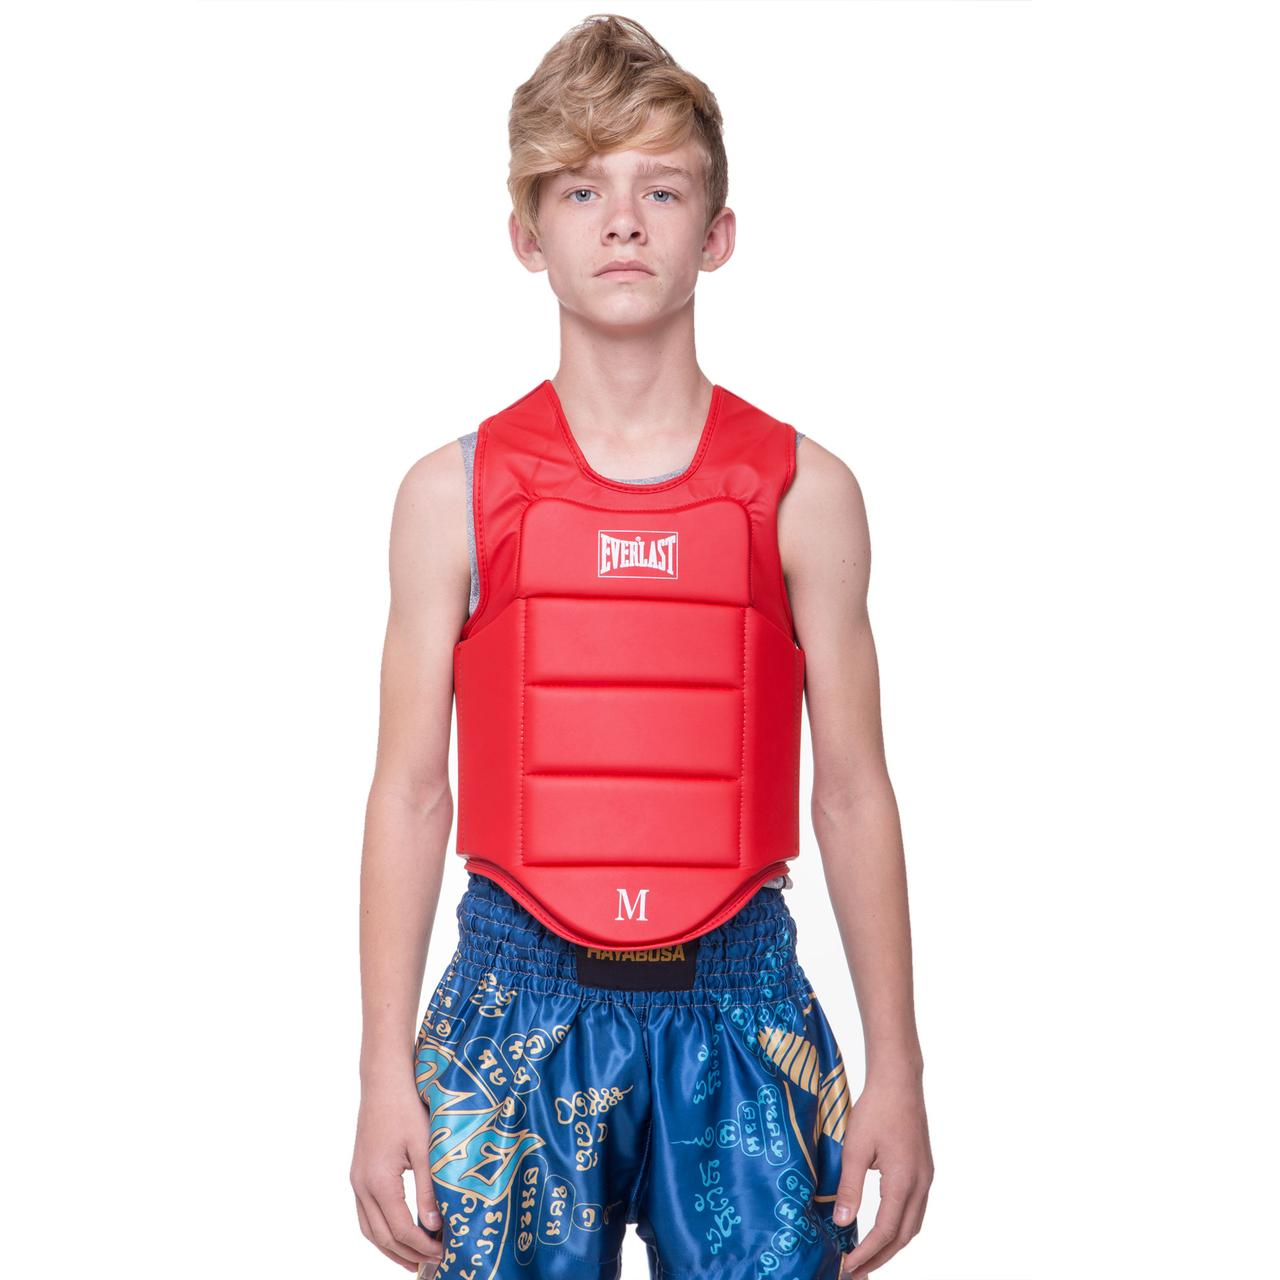 Защита корпуса (жилет) для каратэ детская Everlast (PU, XXS-XL) Красный XXS (4-5 лет) PZ-BO-3951_1